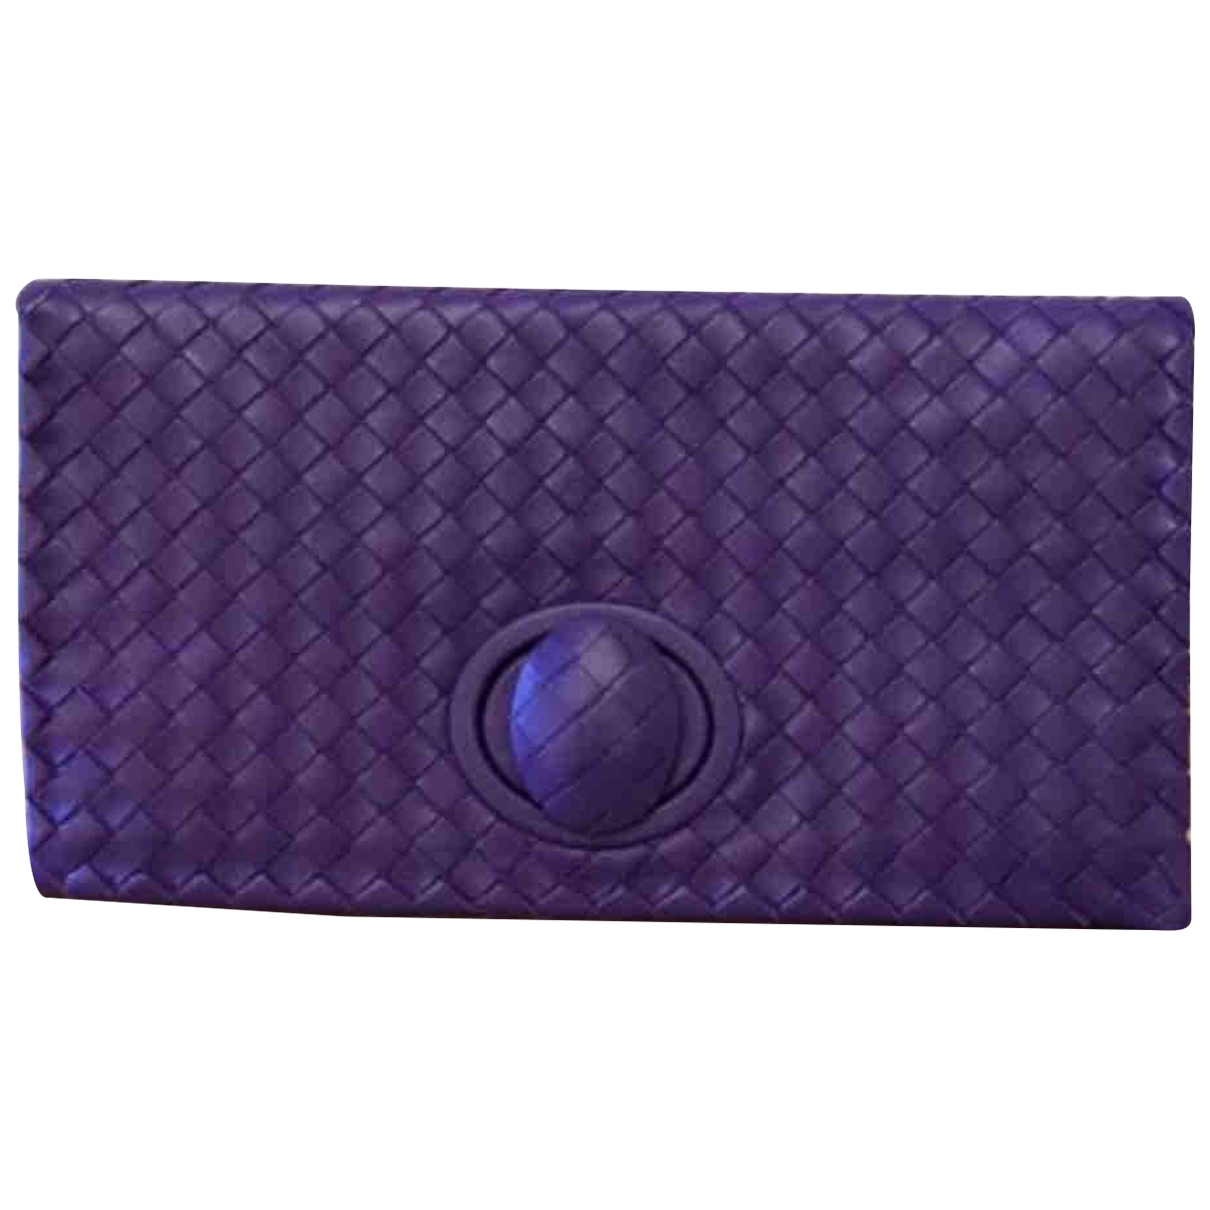 Bottega Veneta \N Purple Leather Clutch bag for Women \N